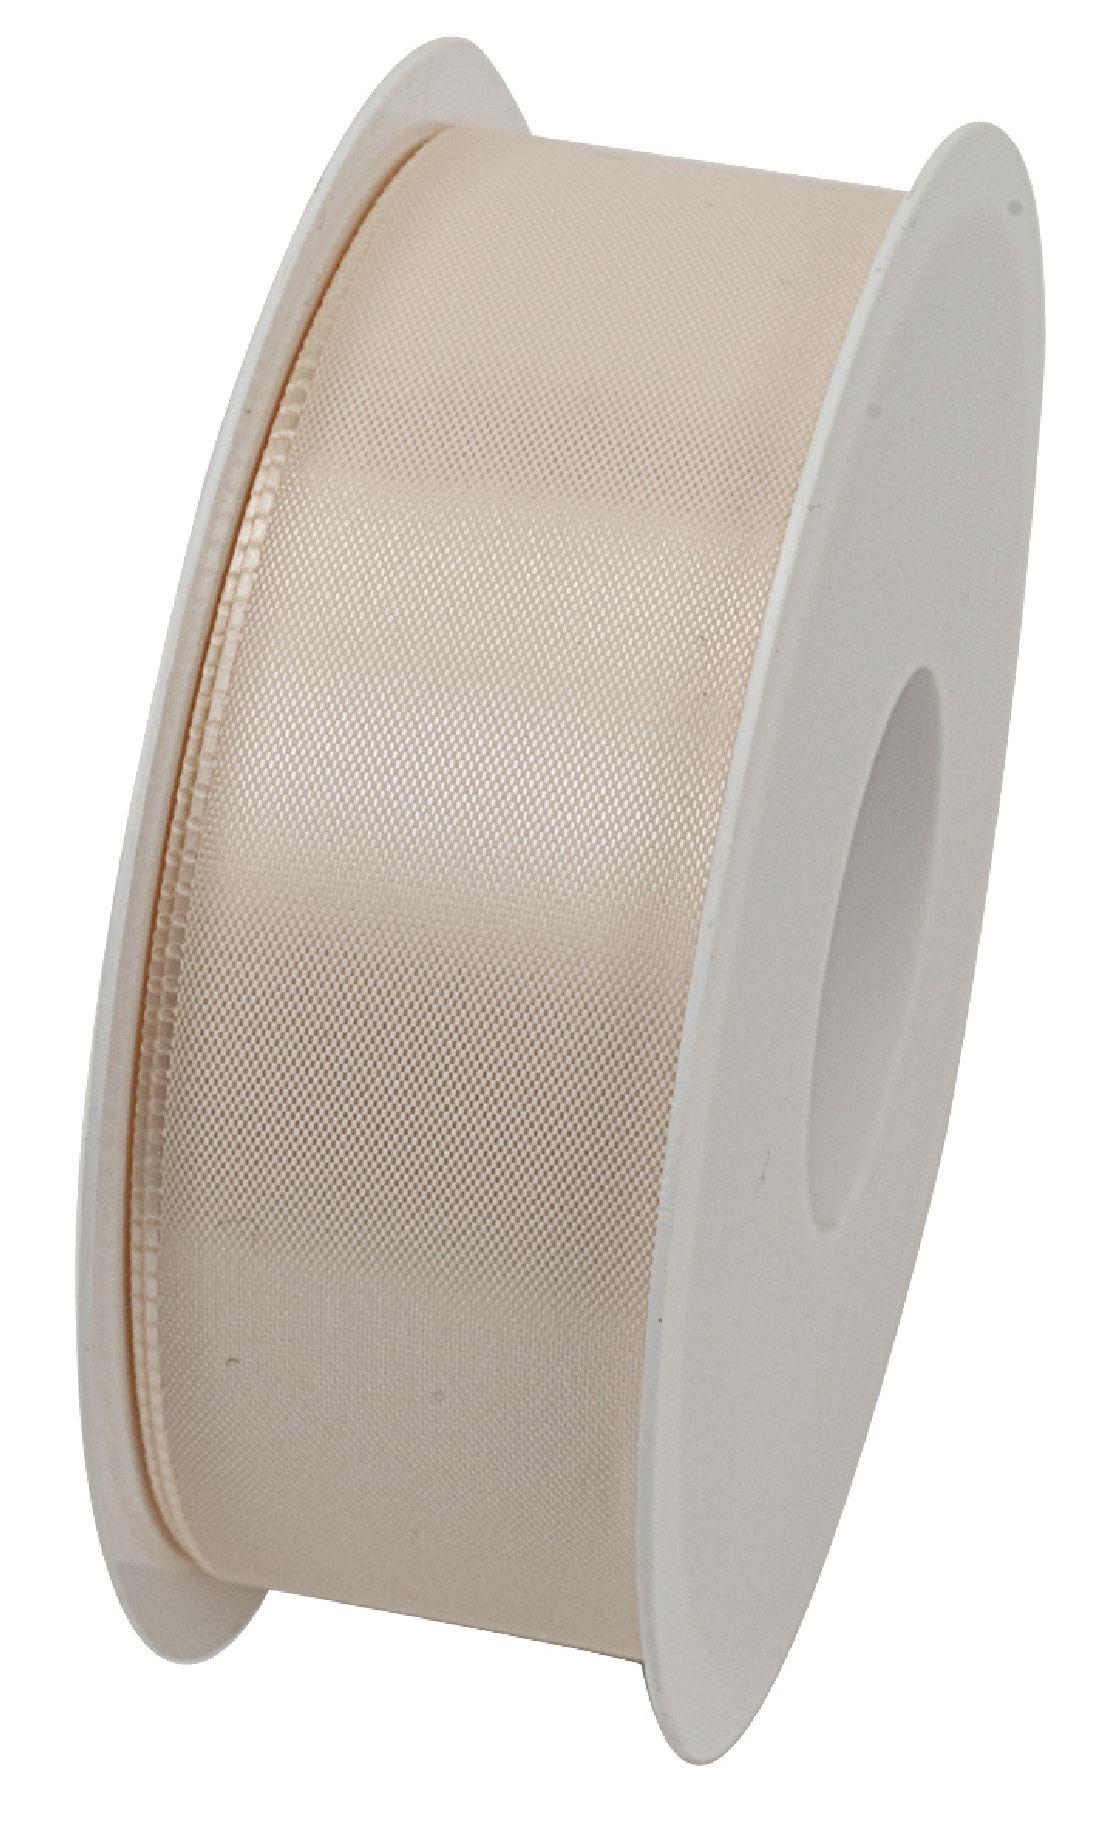 Basic ohne Draht / Taftband CREME 021 40mm 50m